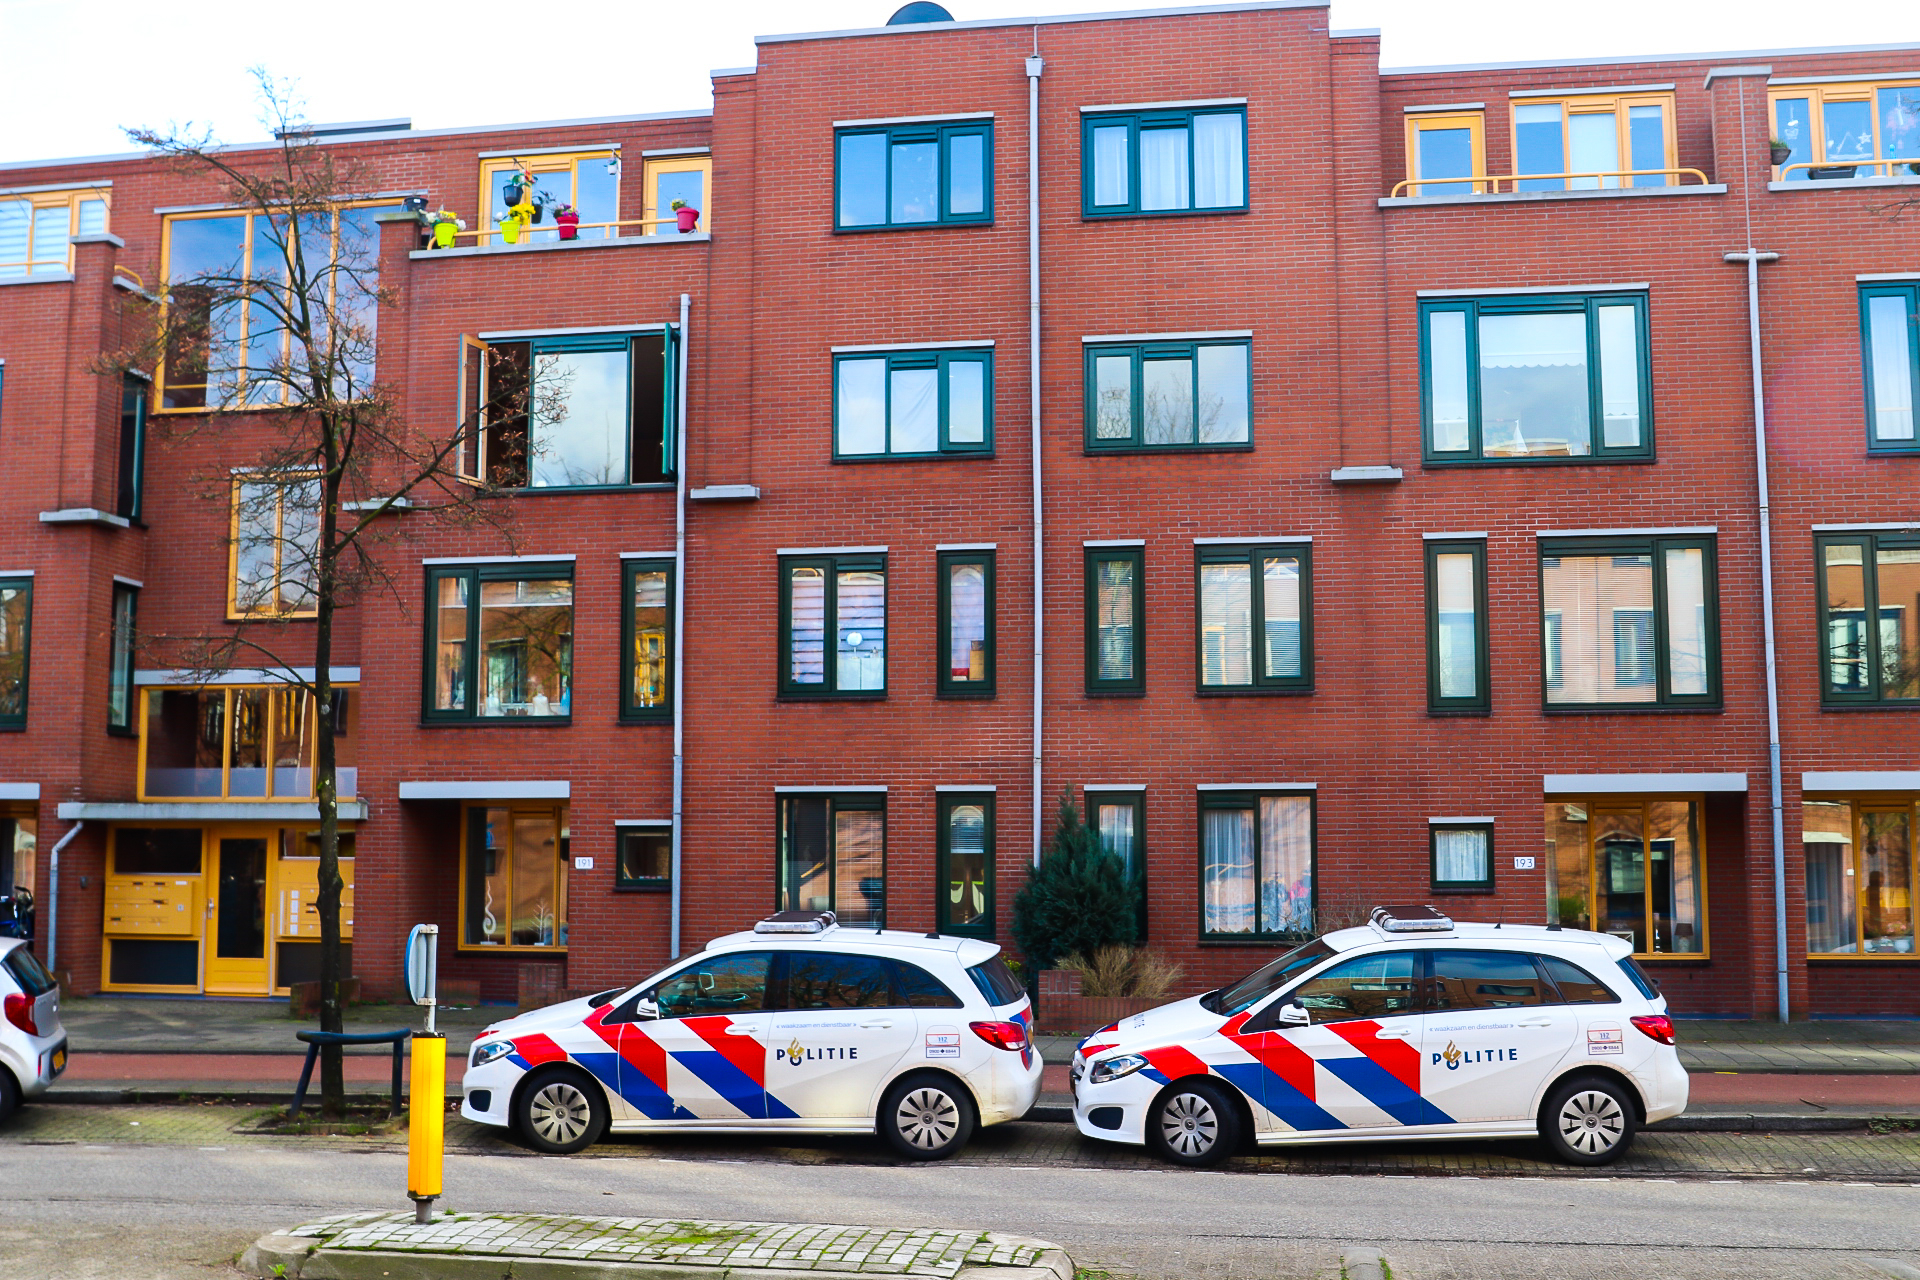 Politie doet onderzoek na aantreffen overleden persoon in appartement in Apeldoorn